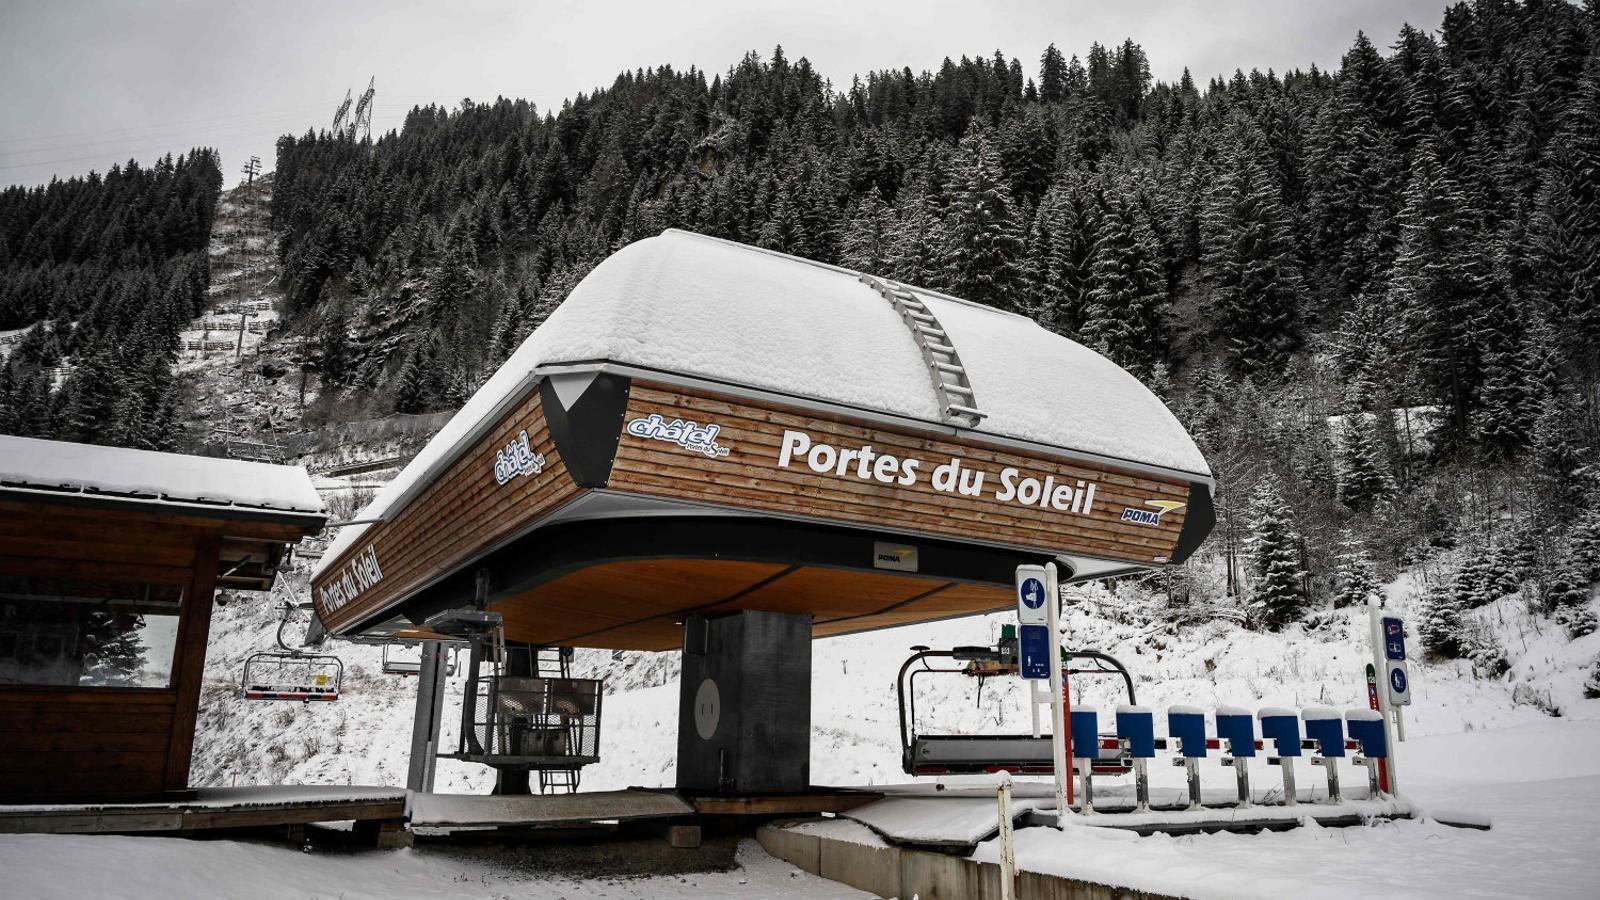 Un remuntador aturat dimarts a l'estació d'esquí francesa de Châtel, limítrofa amb Suïssa. / FABRICE COFFRINI / AFP